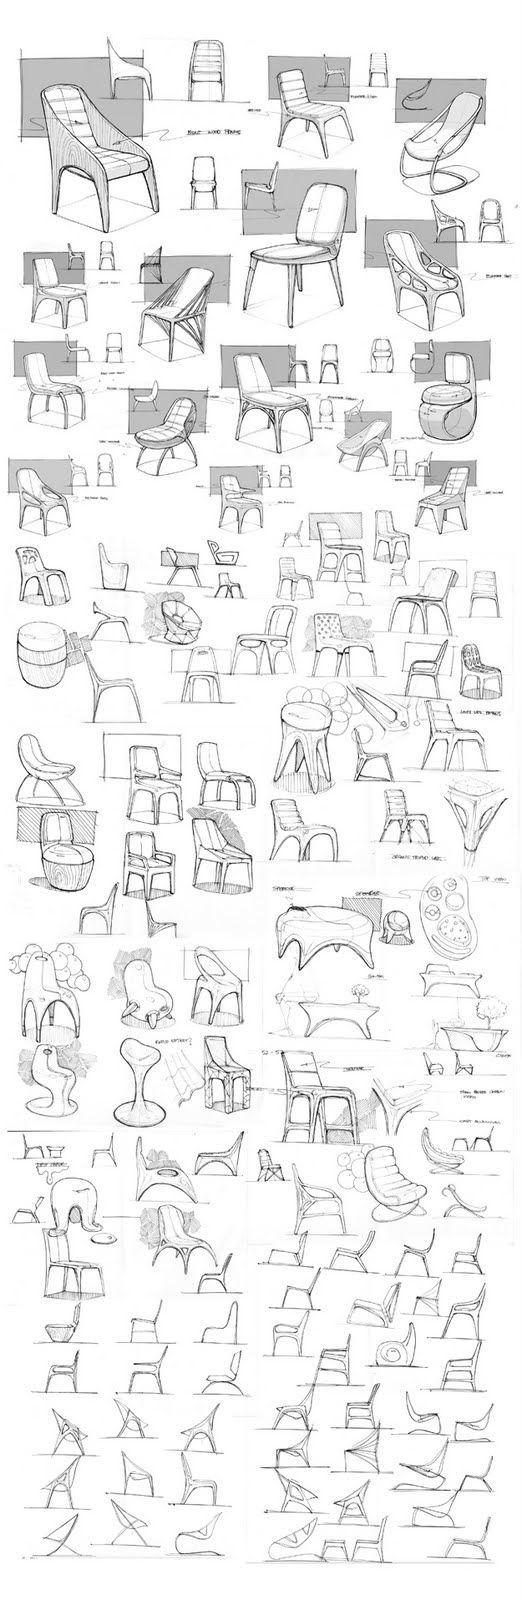 Design Journal: DesComm Chair project: